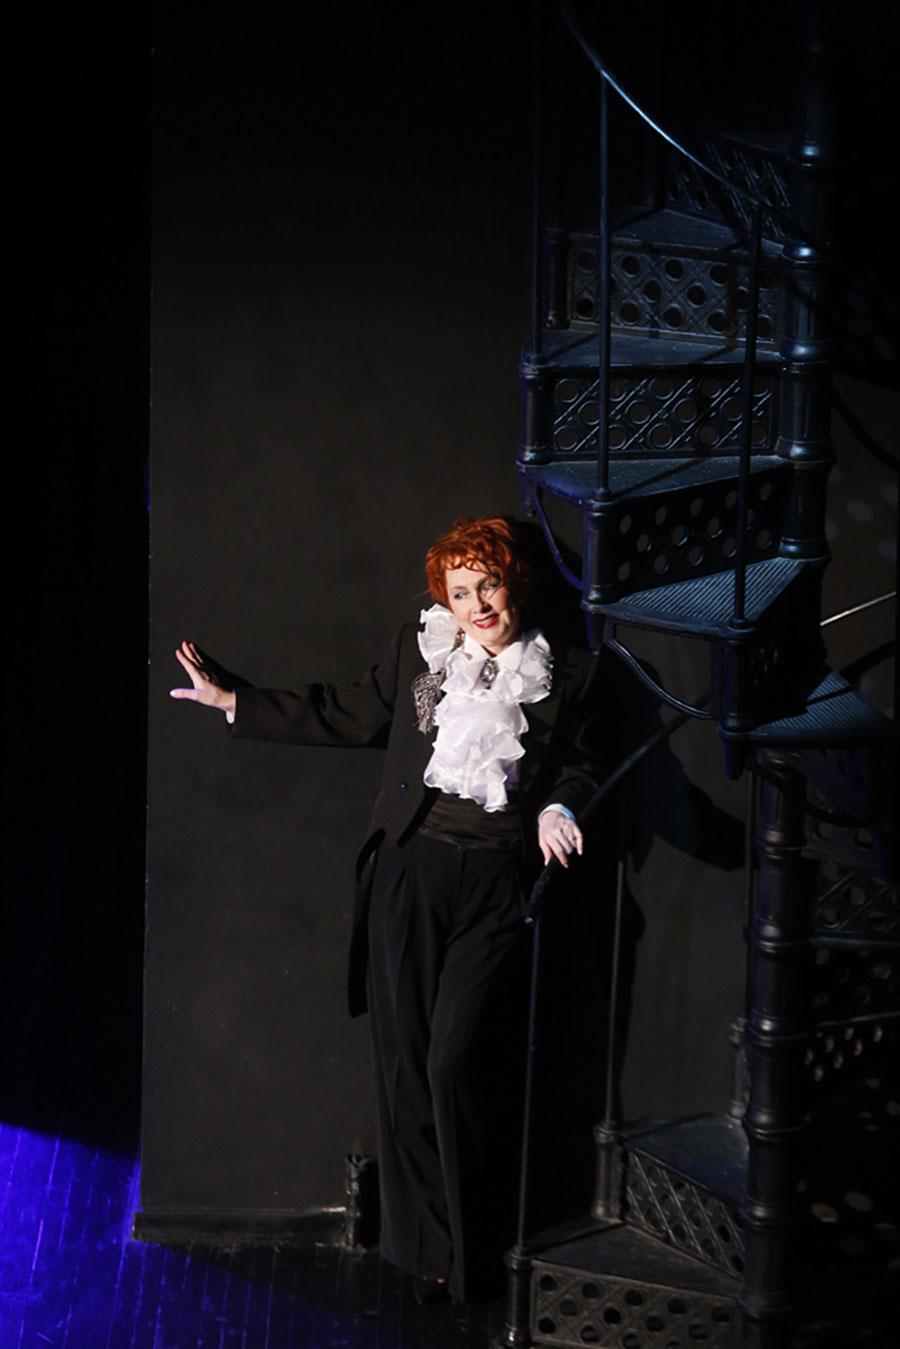 Спектакль «Поэзо-вечеръ. Игорь Северянин», созданный актрисой нашей труппы Ириной Смирновой